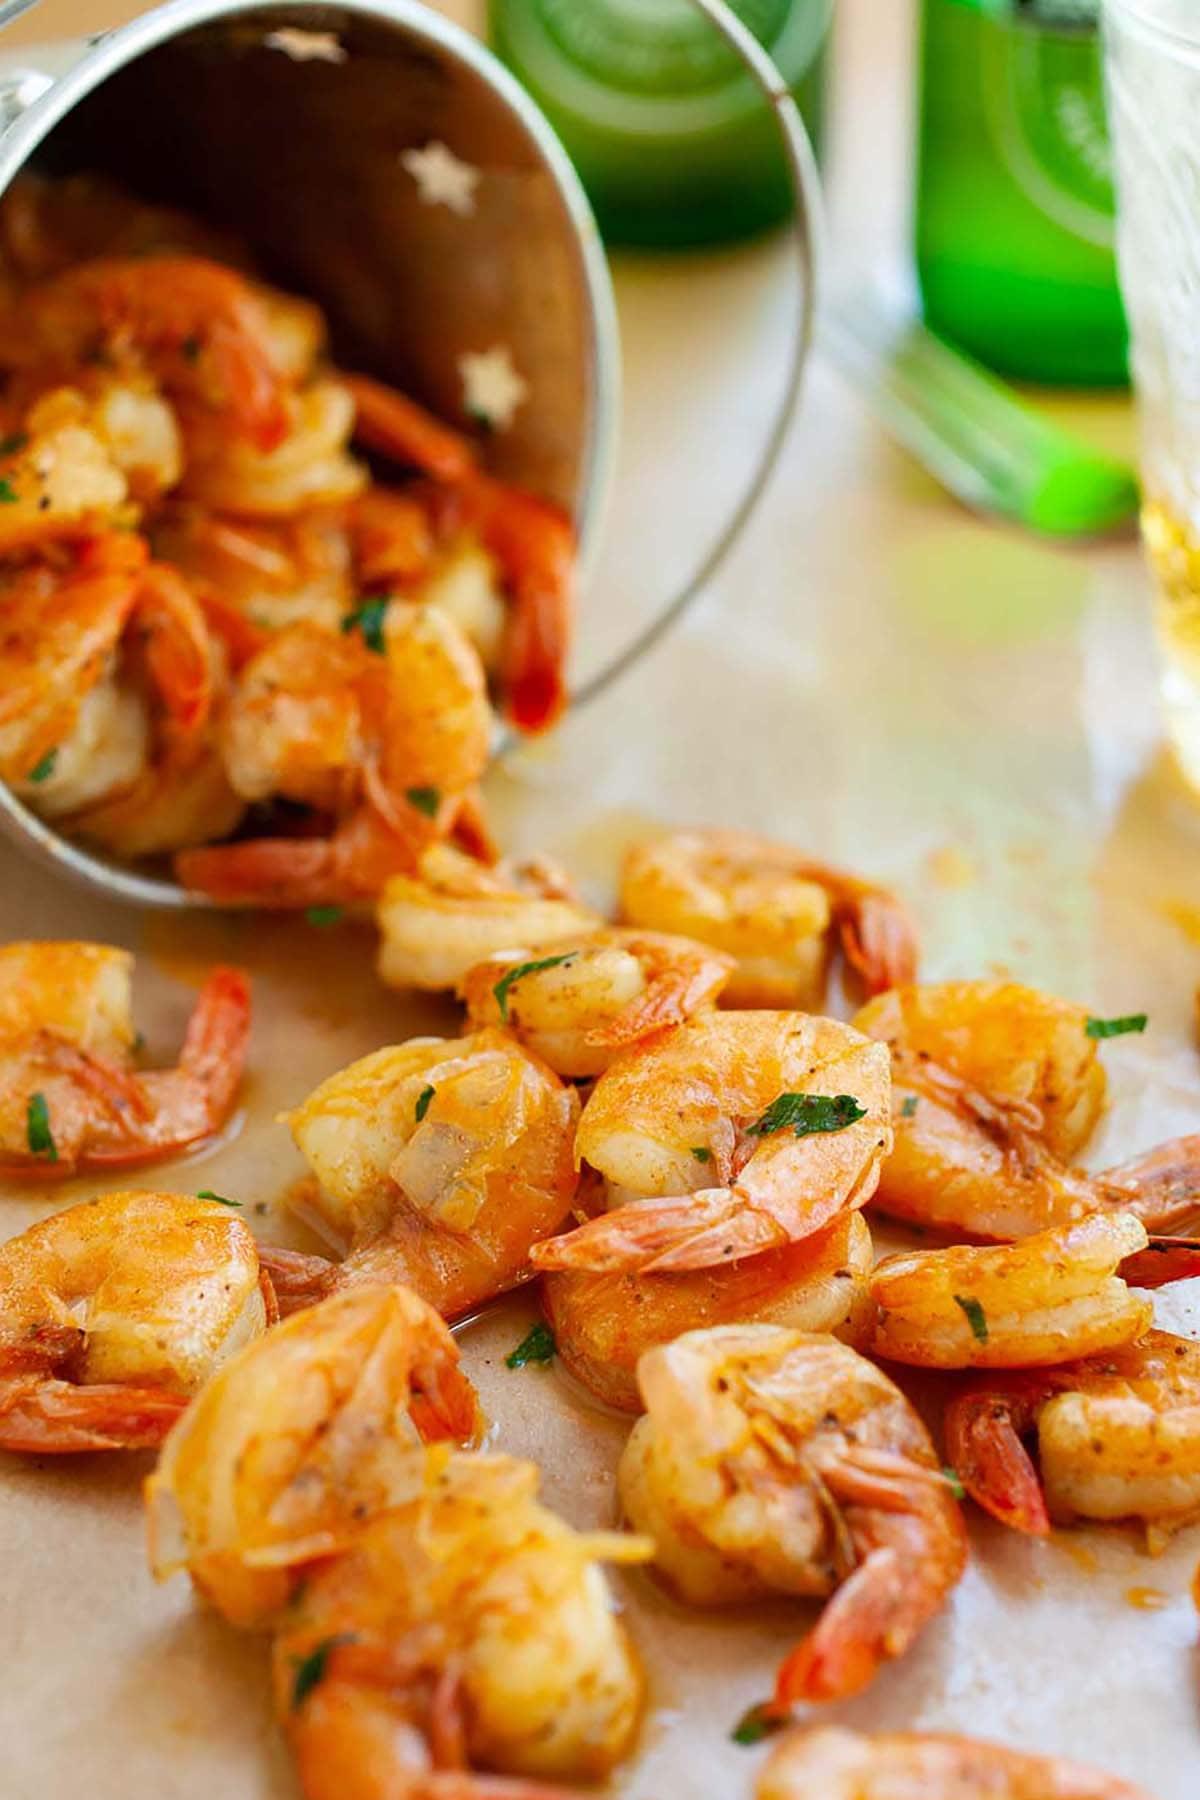 Pelez et mangez facilement et rapidement des crevettes sautées au beurre, à la bière et aux épices.